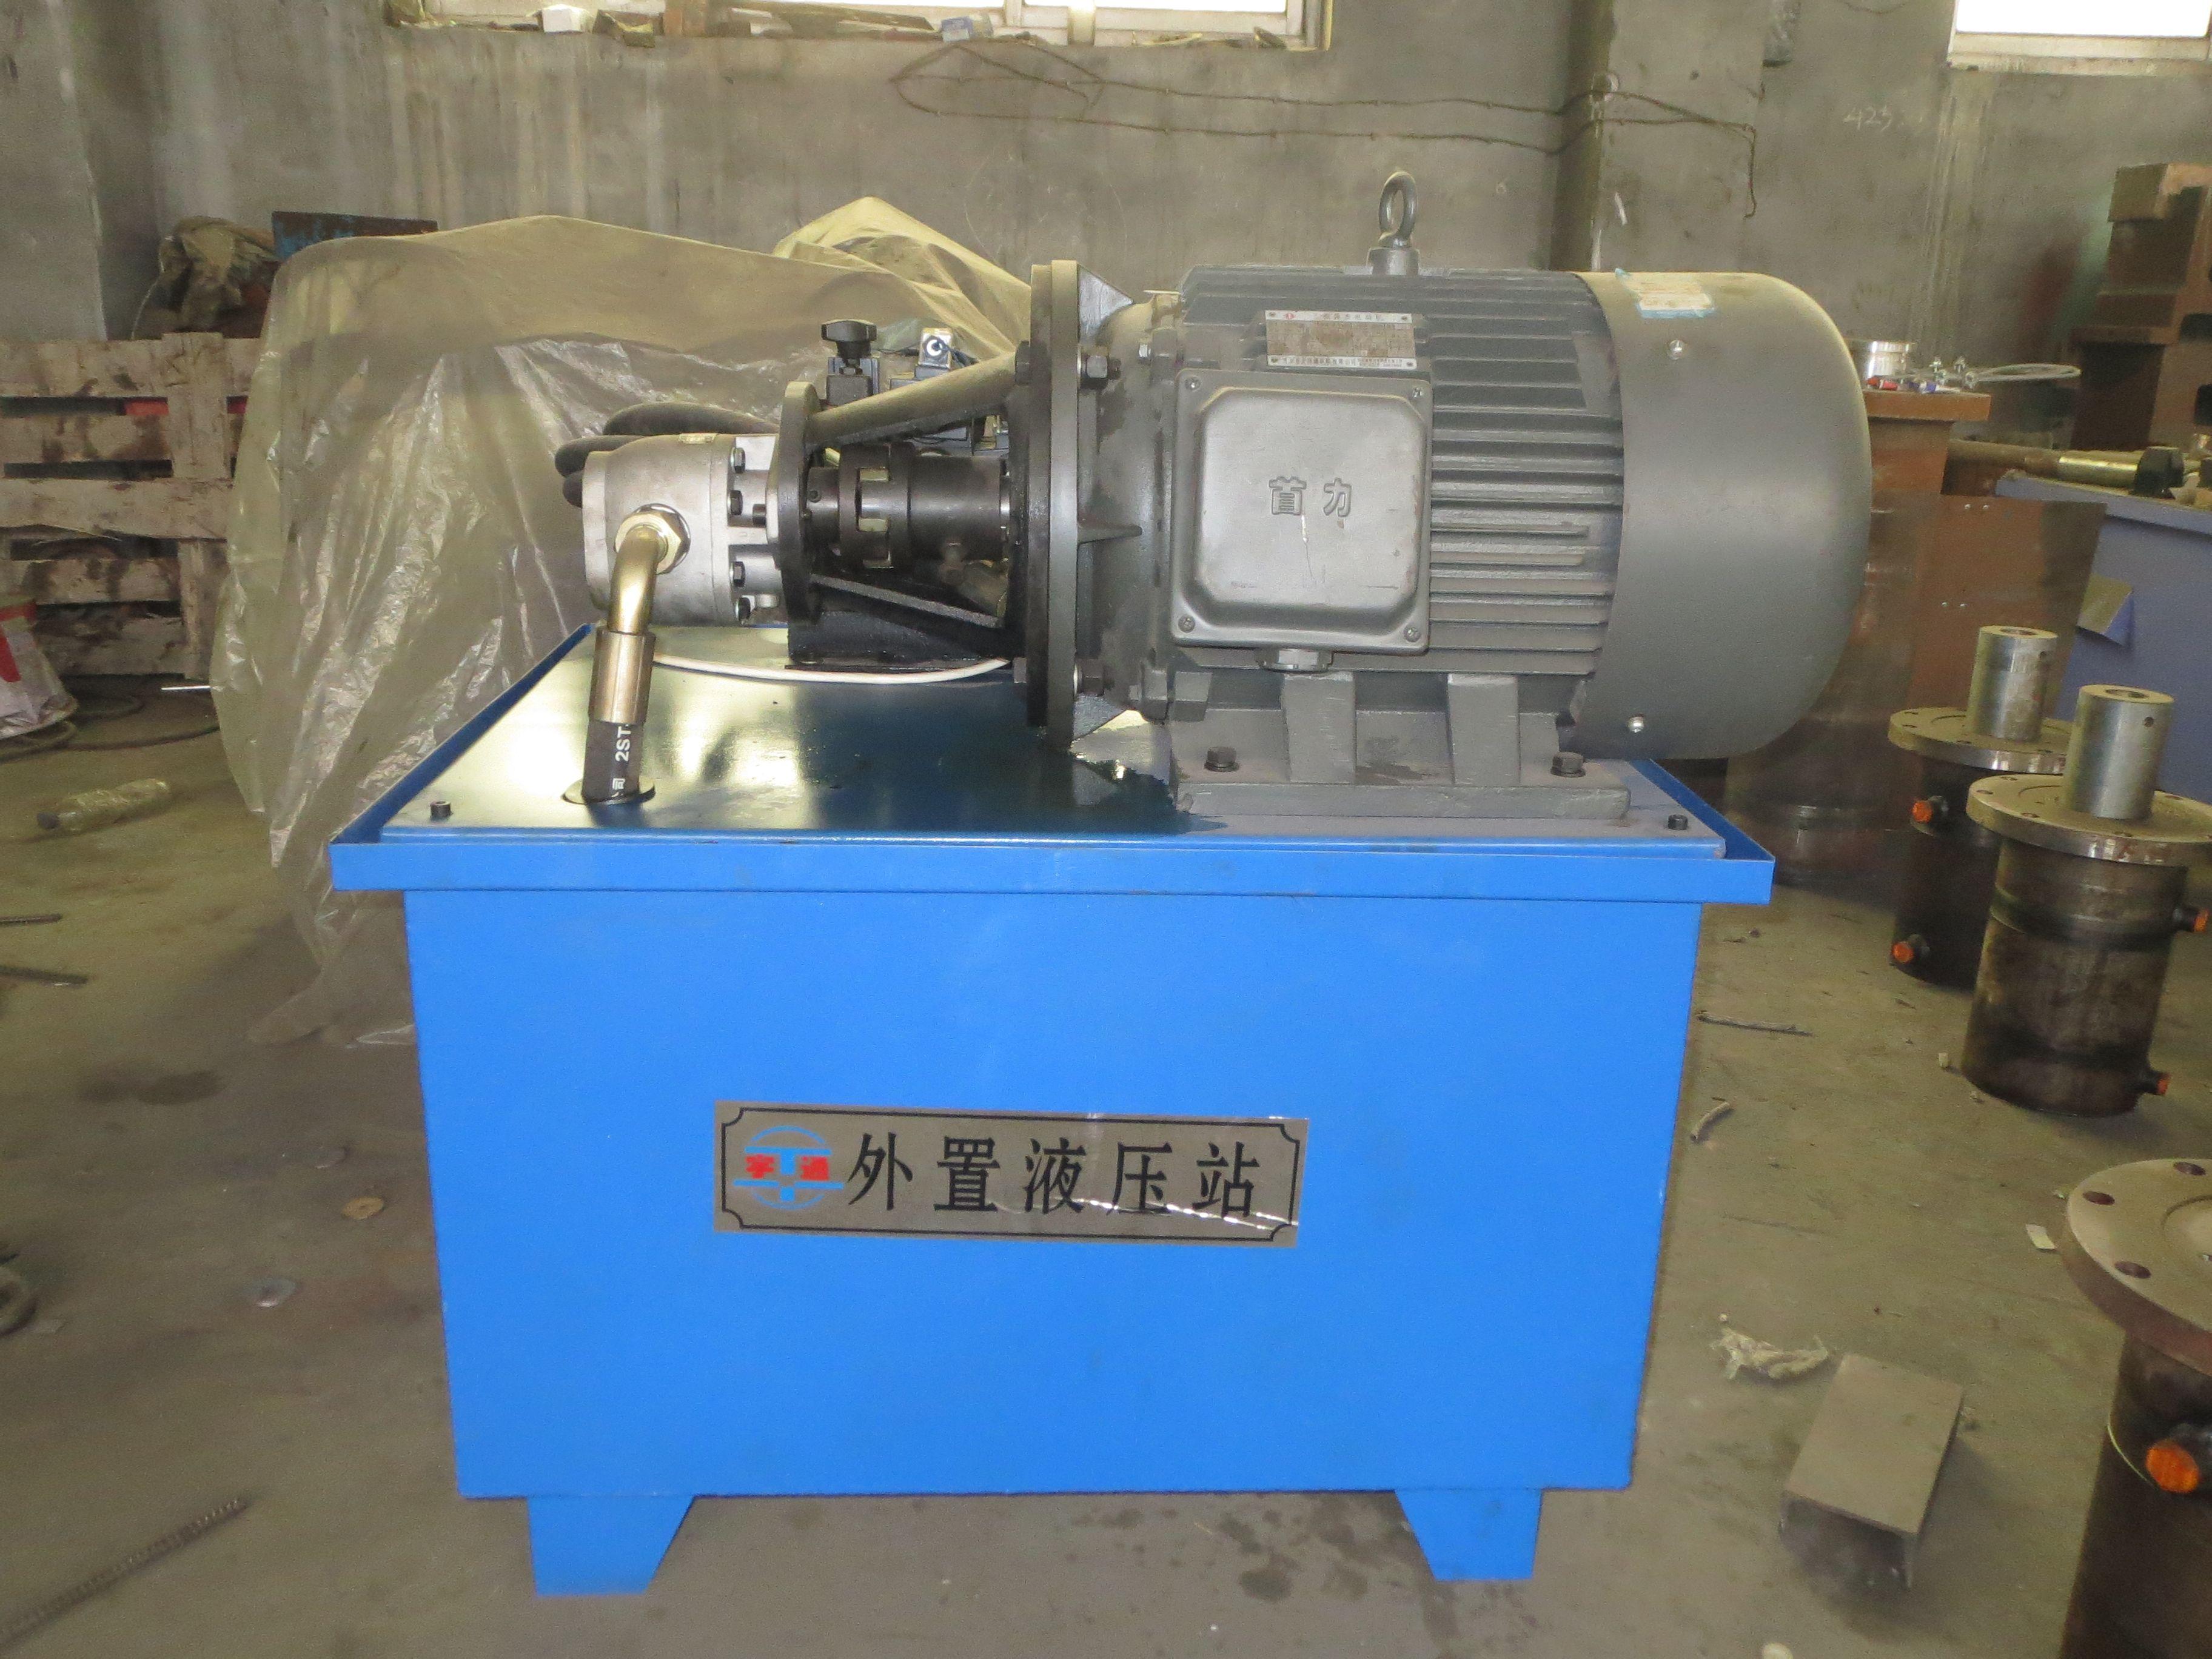 液压站制作需要关键部位:液压泵,电机,电磁阀,溢流阀等等.图片